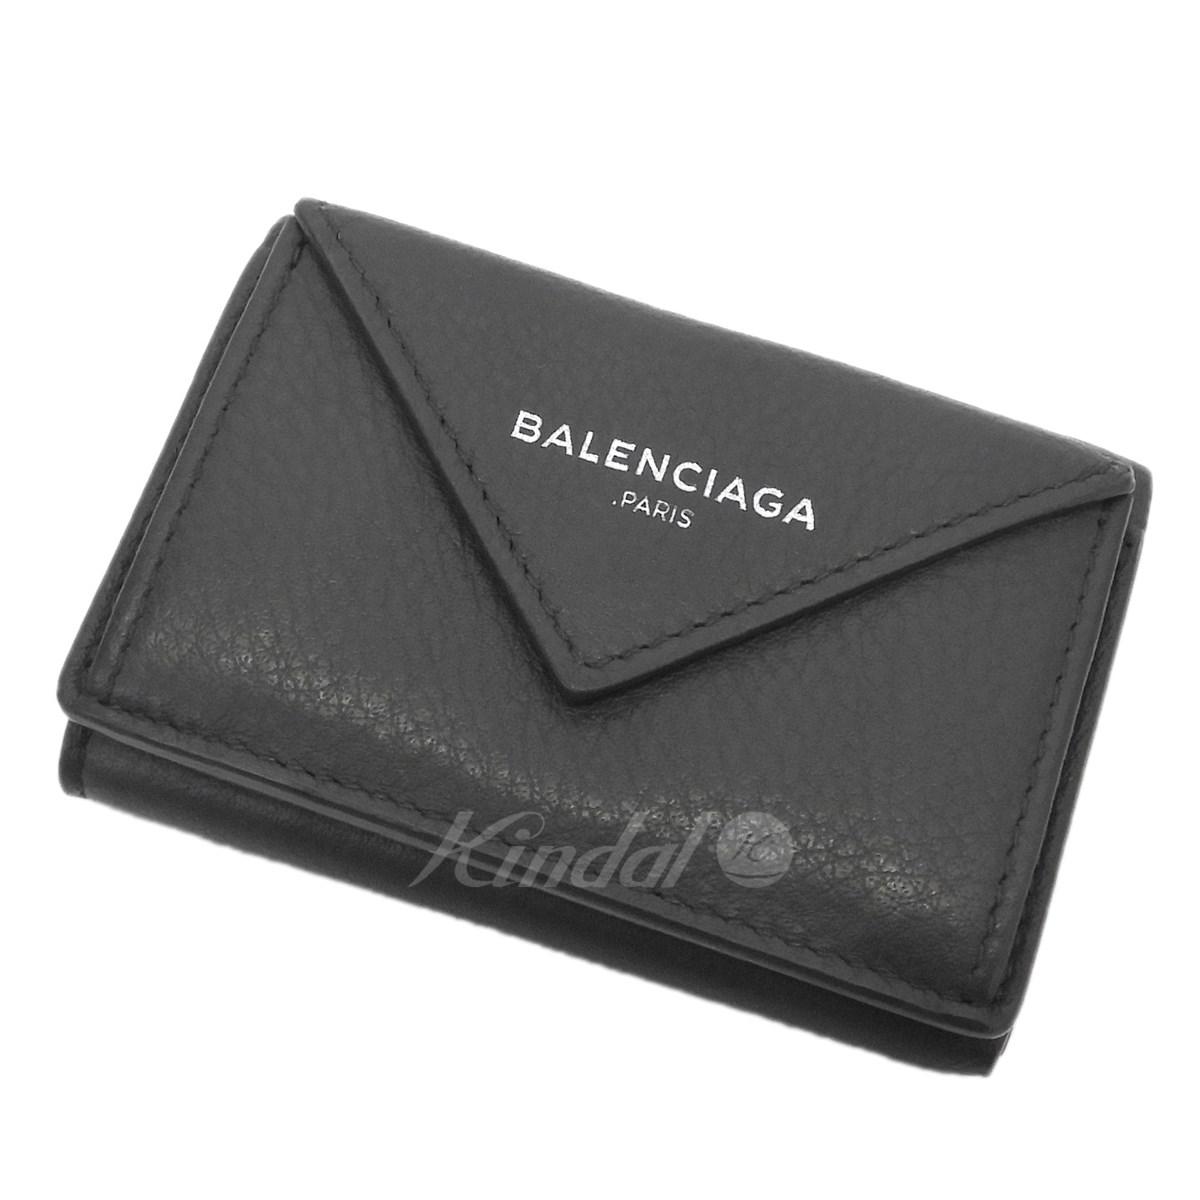 【中古】BALENCIAGA ペーパーミニウォレット グレー 【送料無料】 【300319】(バレンシアガ)